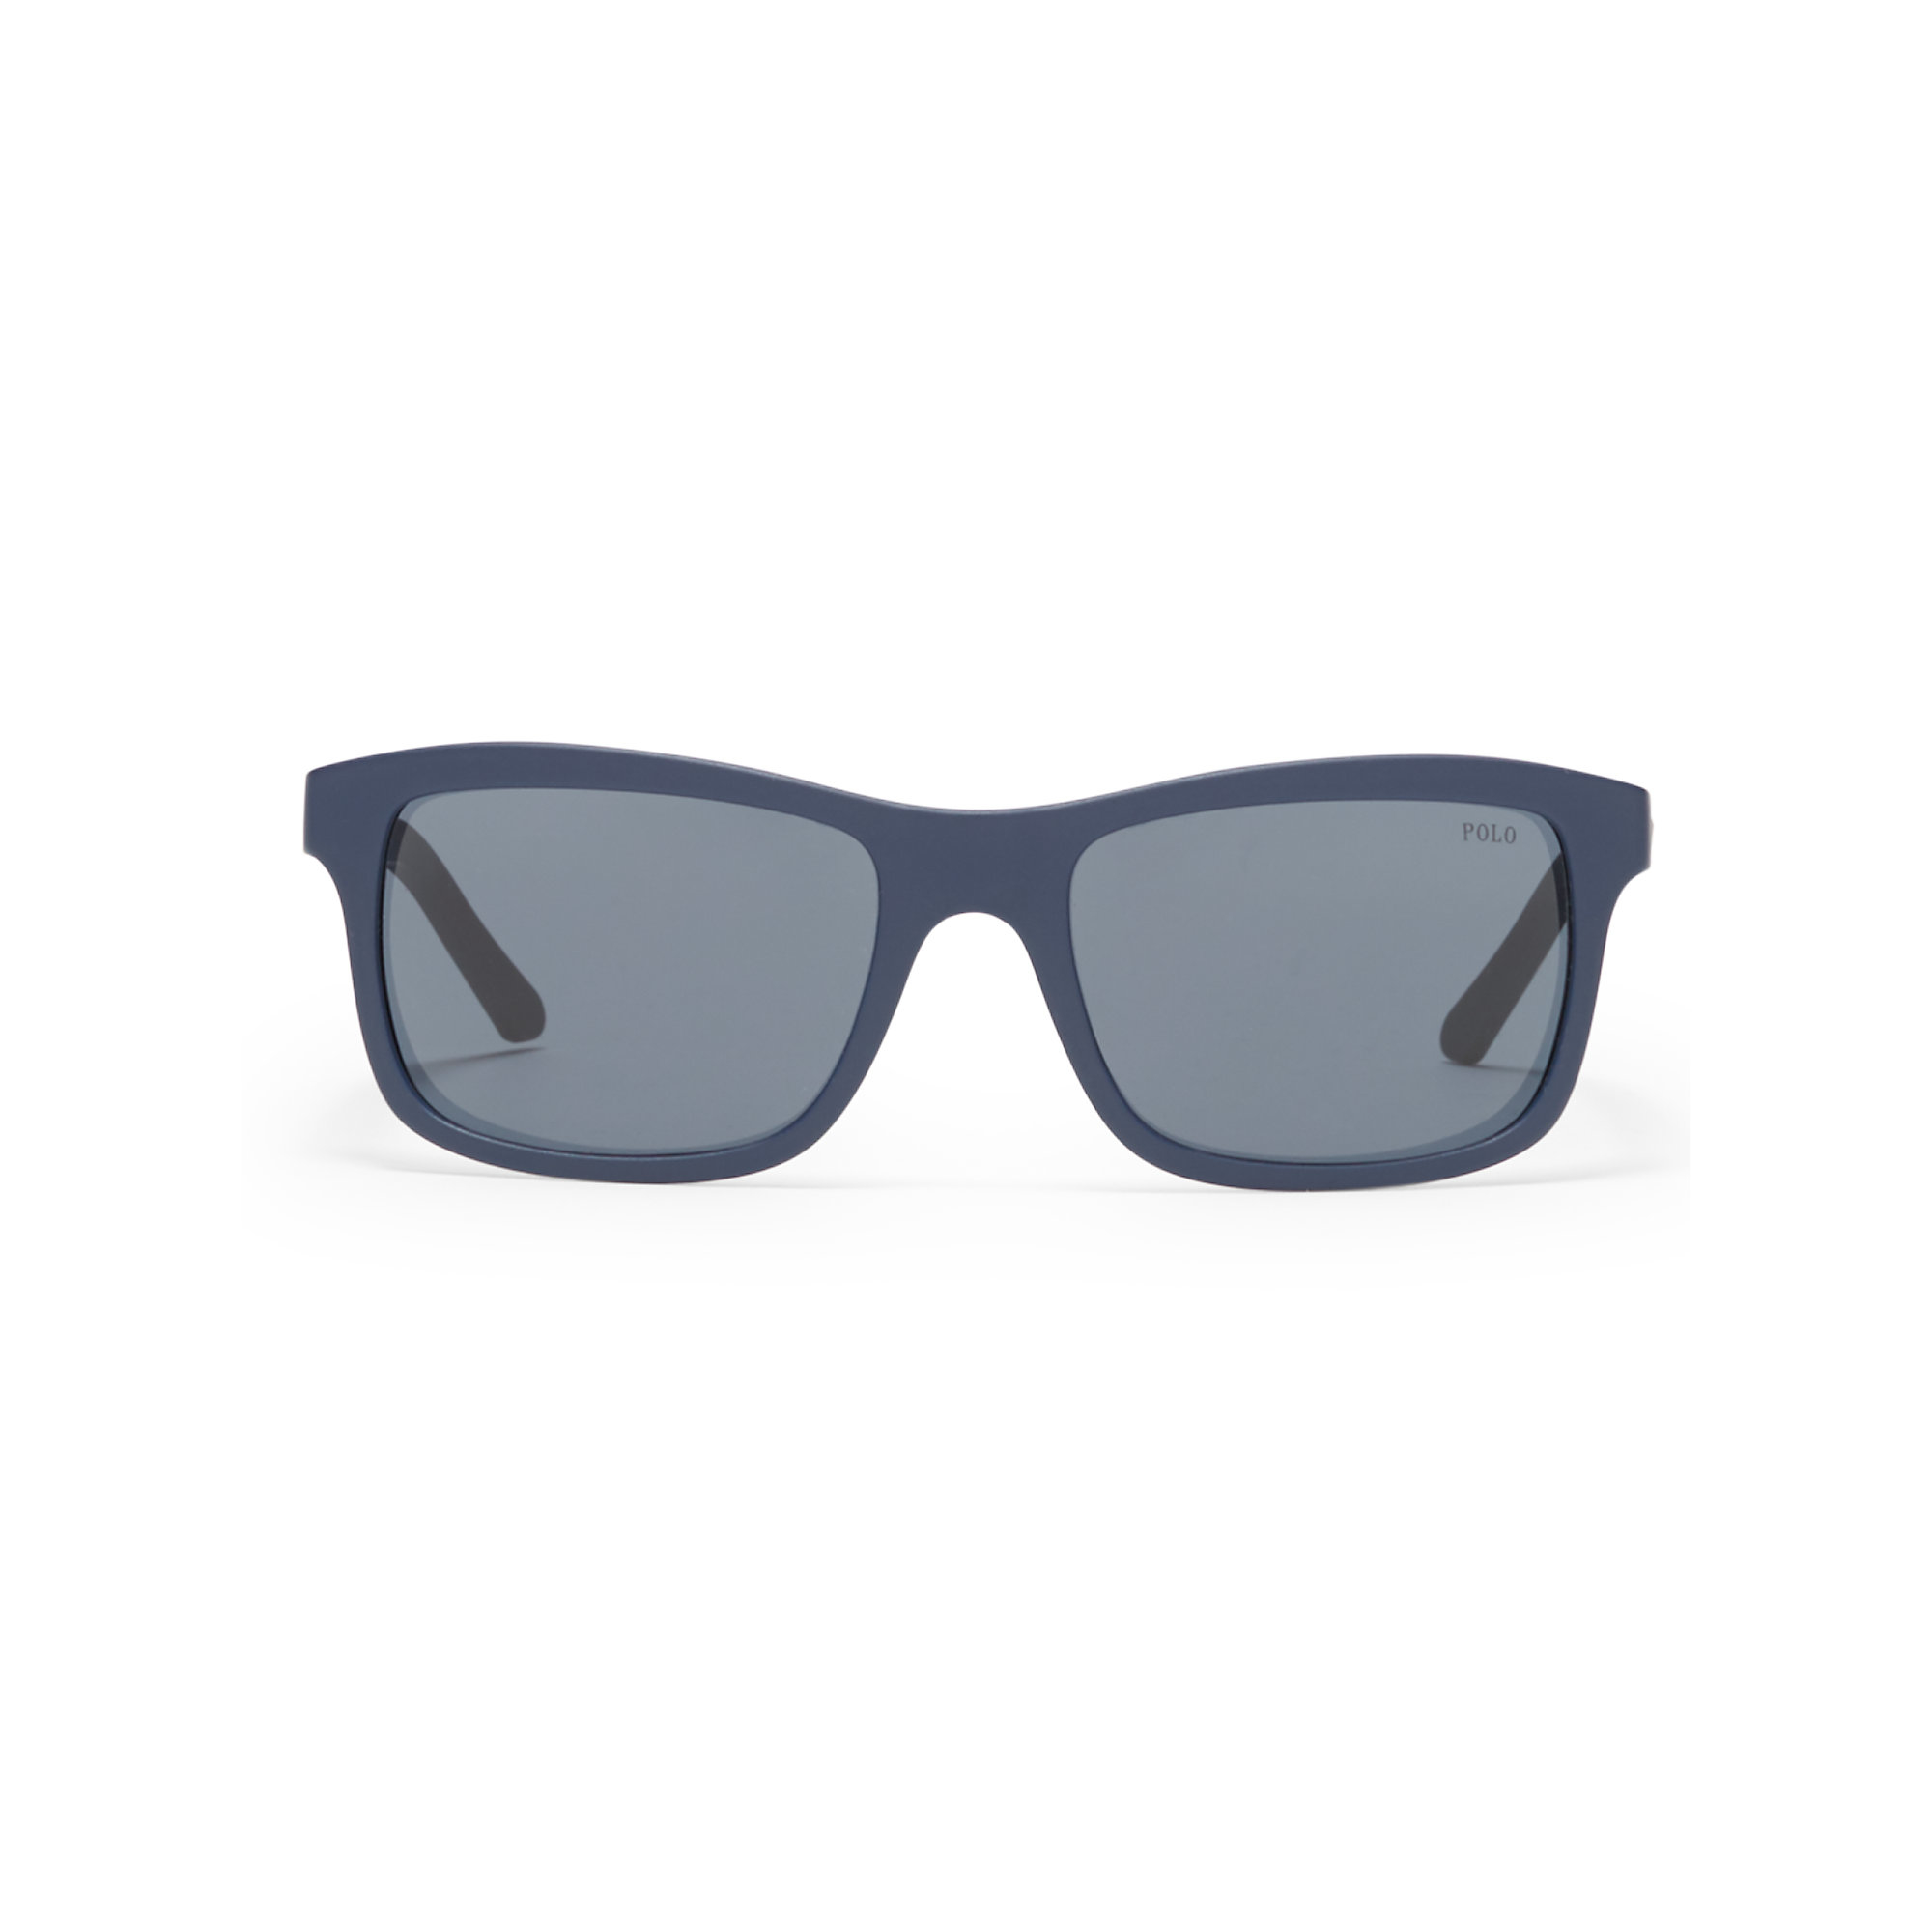 a3d94325d6 Polo ralph lauren Color Twist Square Sunglasses in Blue for Men